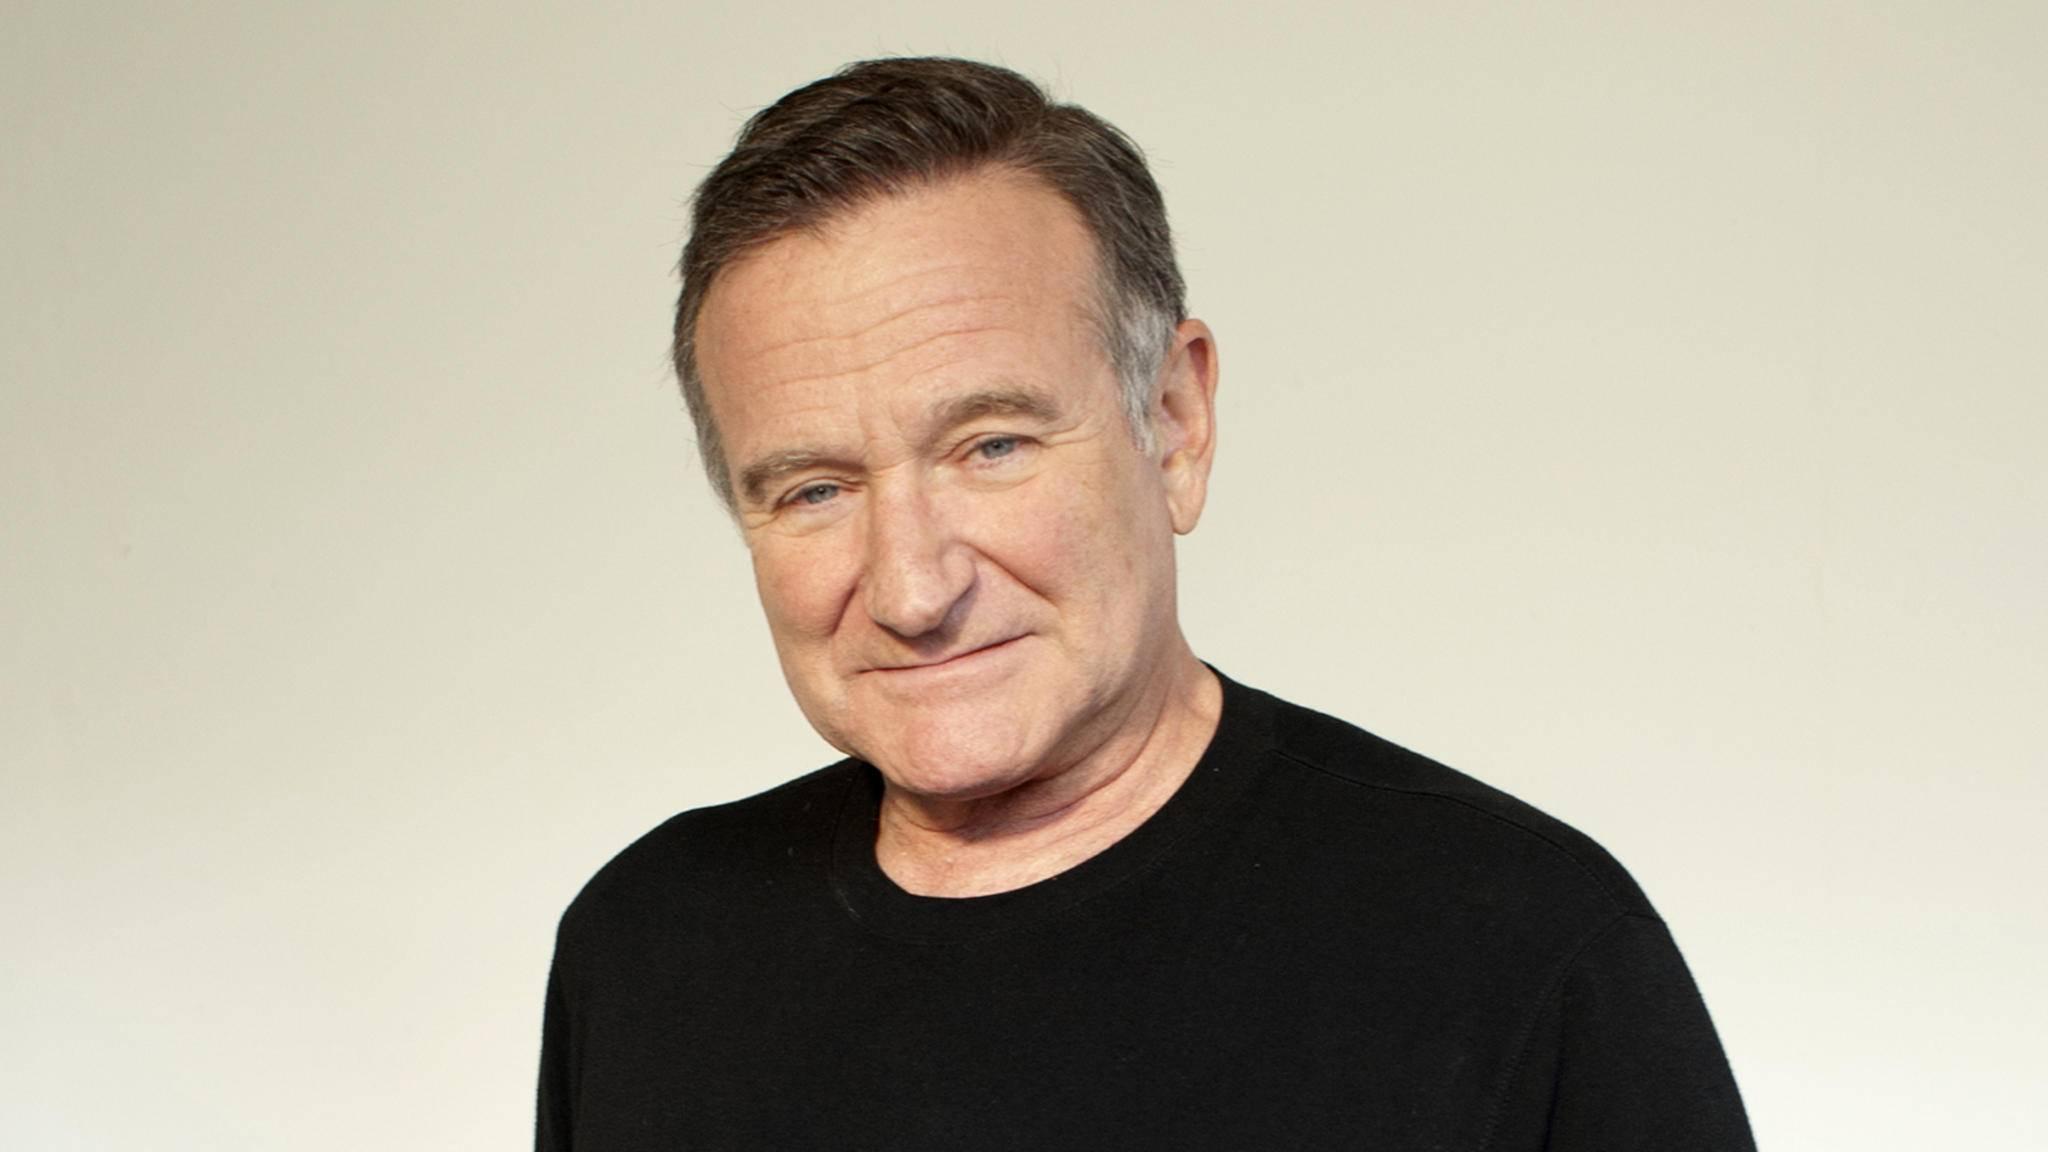 Robin Williams als Hagrid? Wäre der Schauspieler Brite gewesen, wäre das durchaus denkbar gewesen...